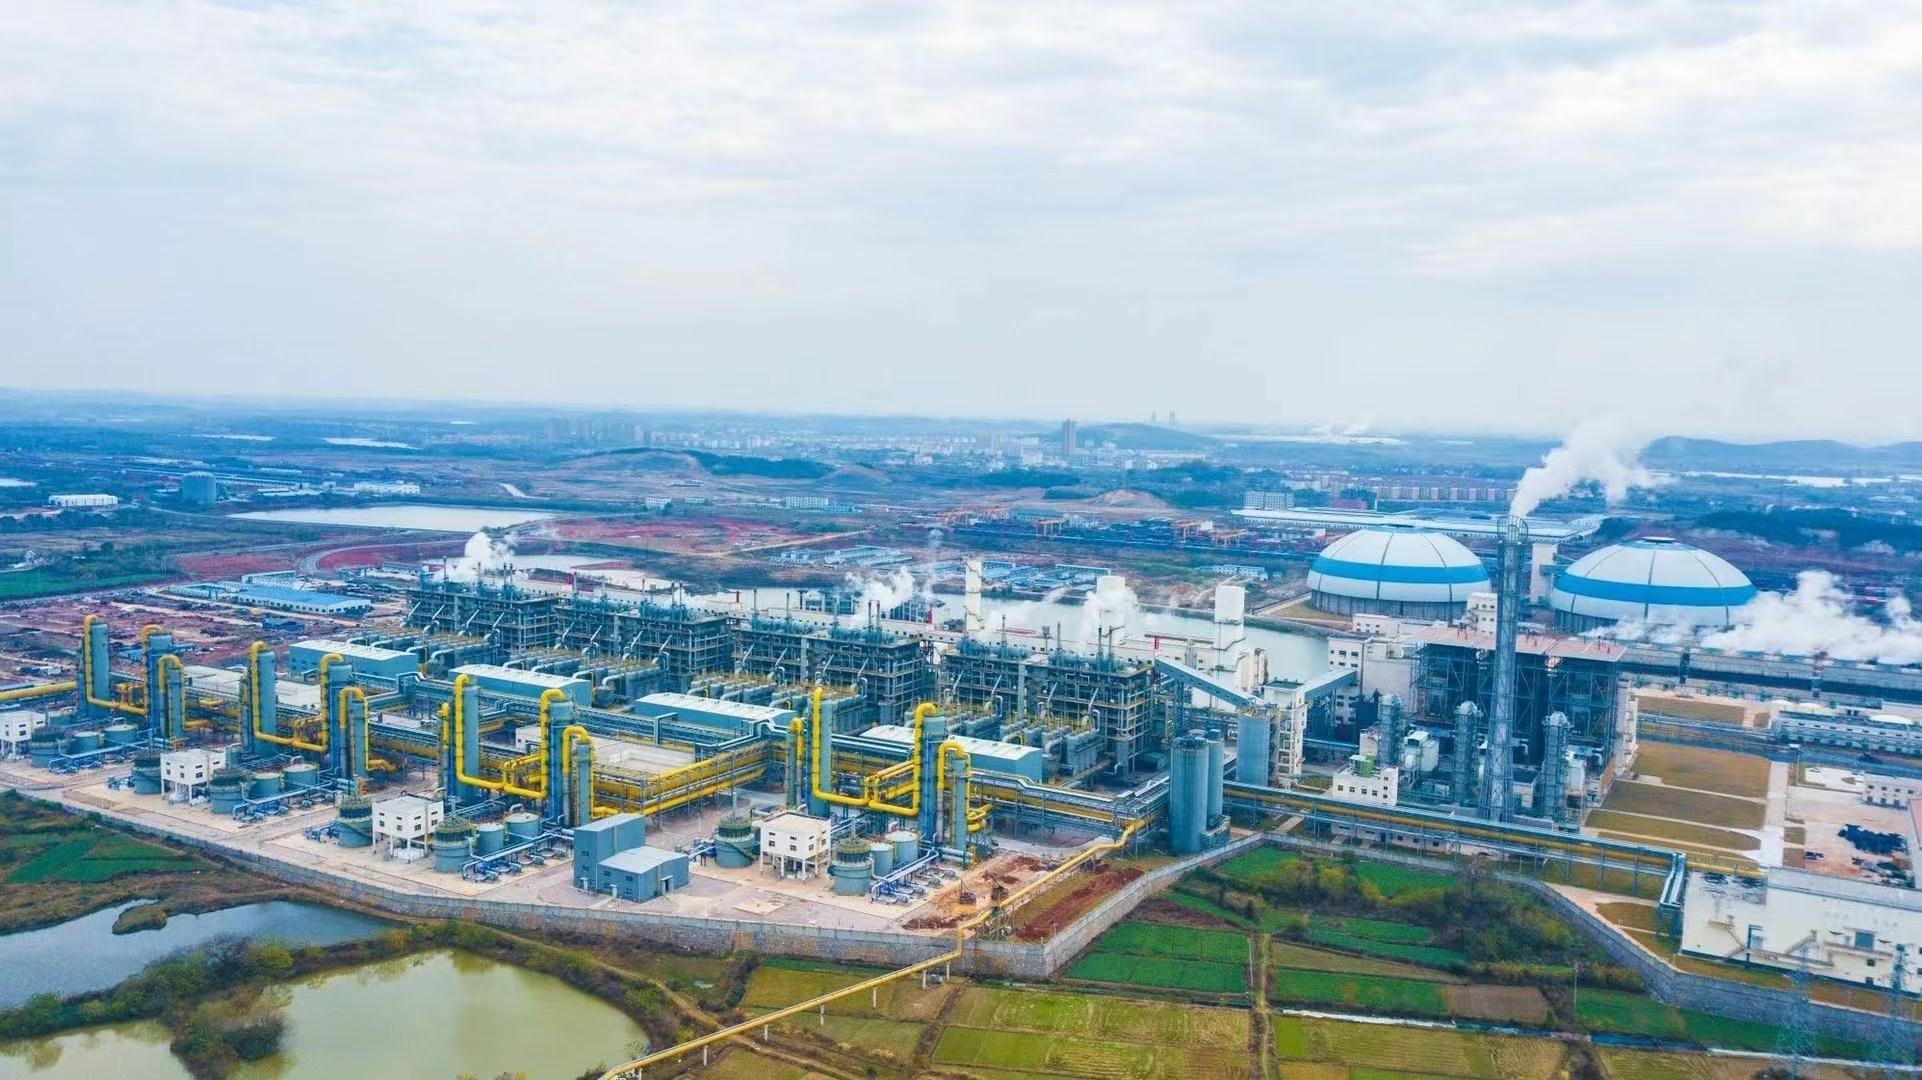 全球第一大煤制清洁工业燃气项目